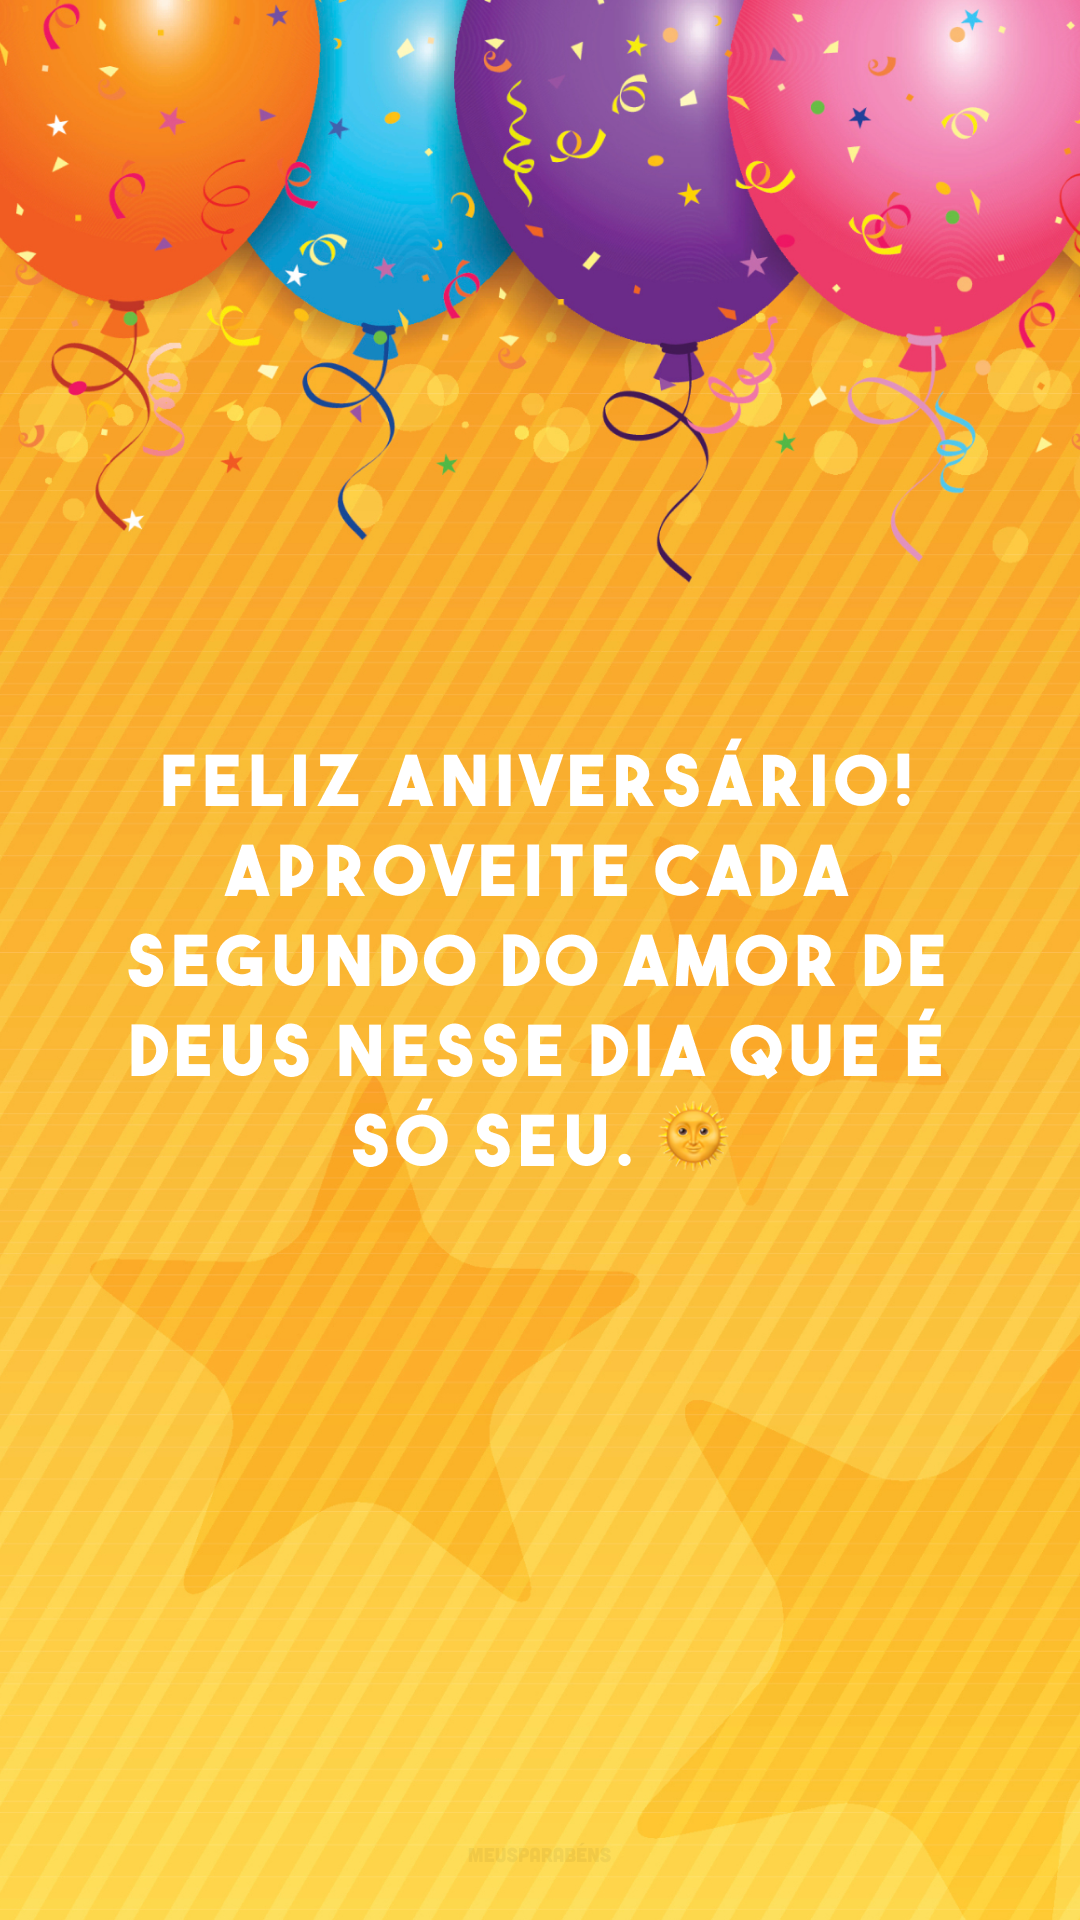 Feliz aniversário! Aproveite cada segundo do amor de Deus nesse dia que é só seu. 🌞